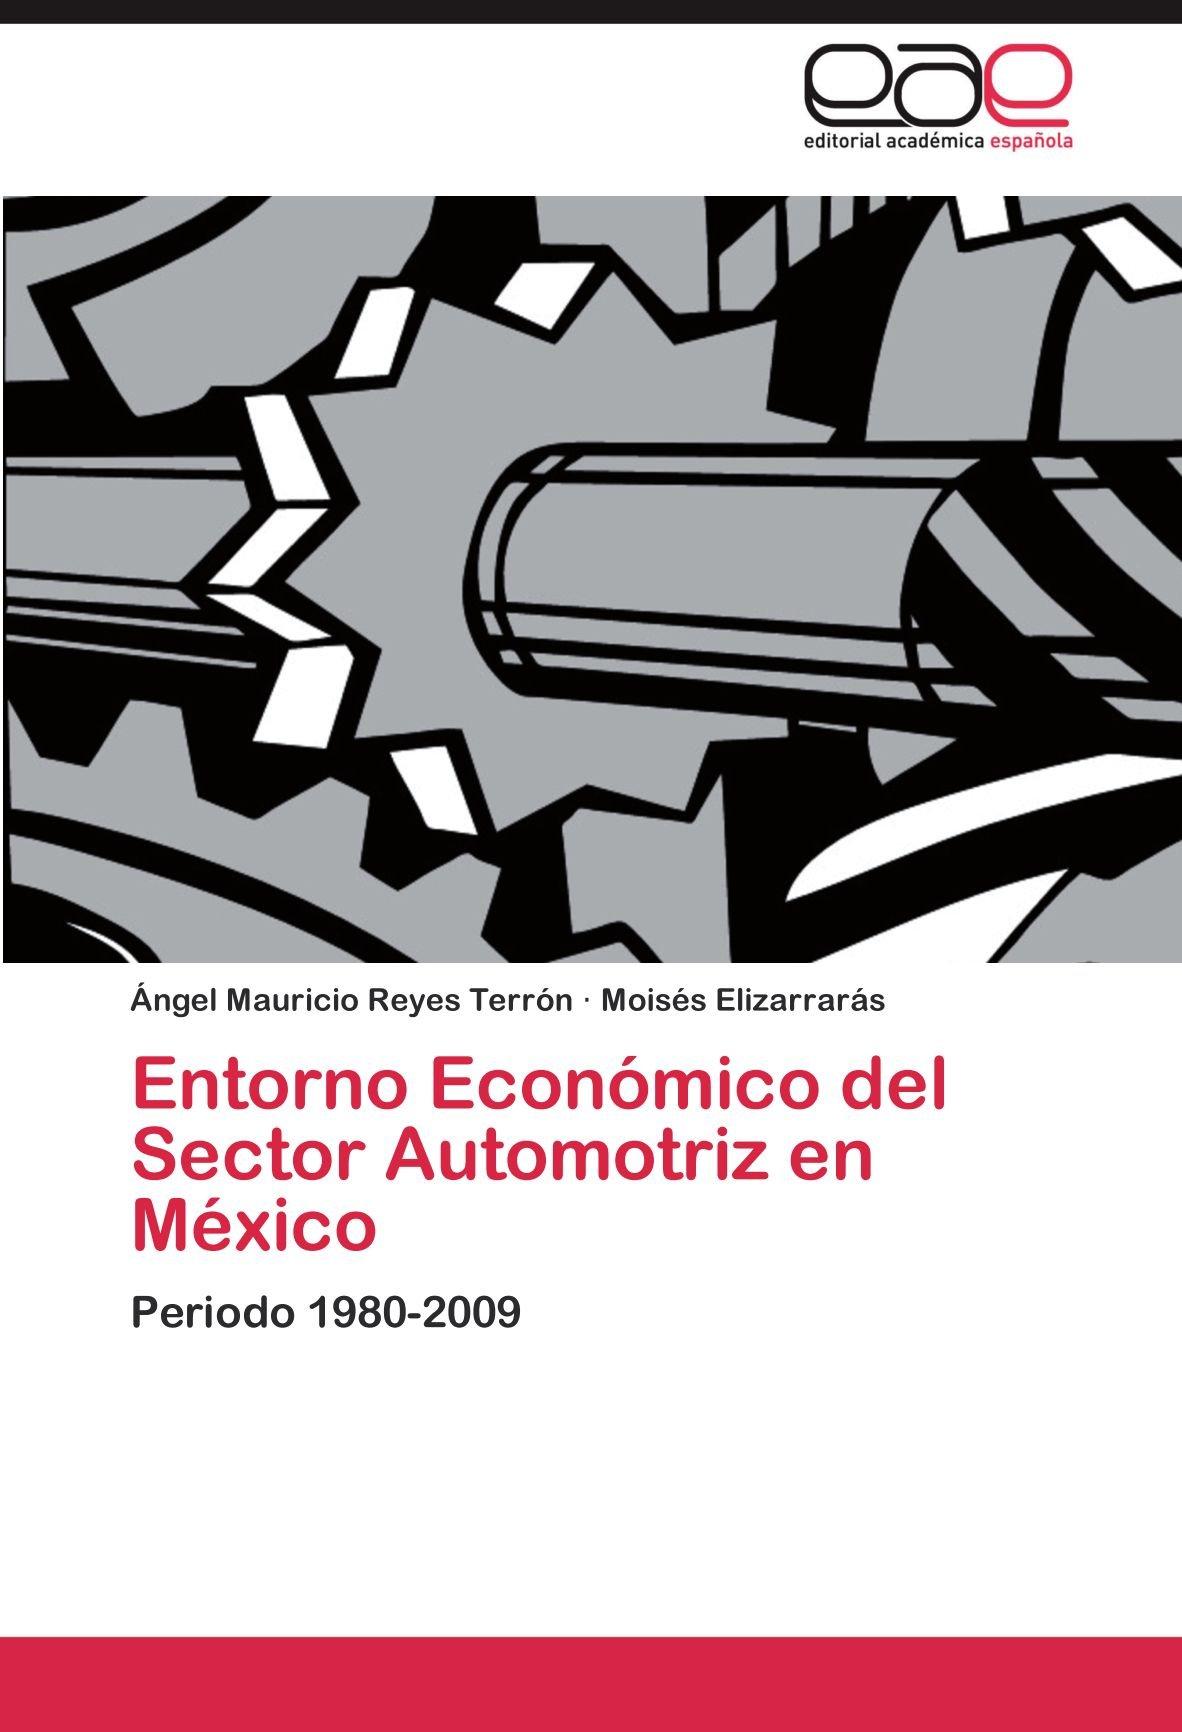 Entorno Económico del Sector Automotriz en México: Periodo ...